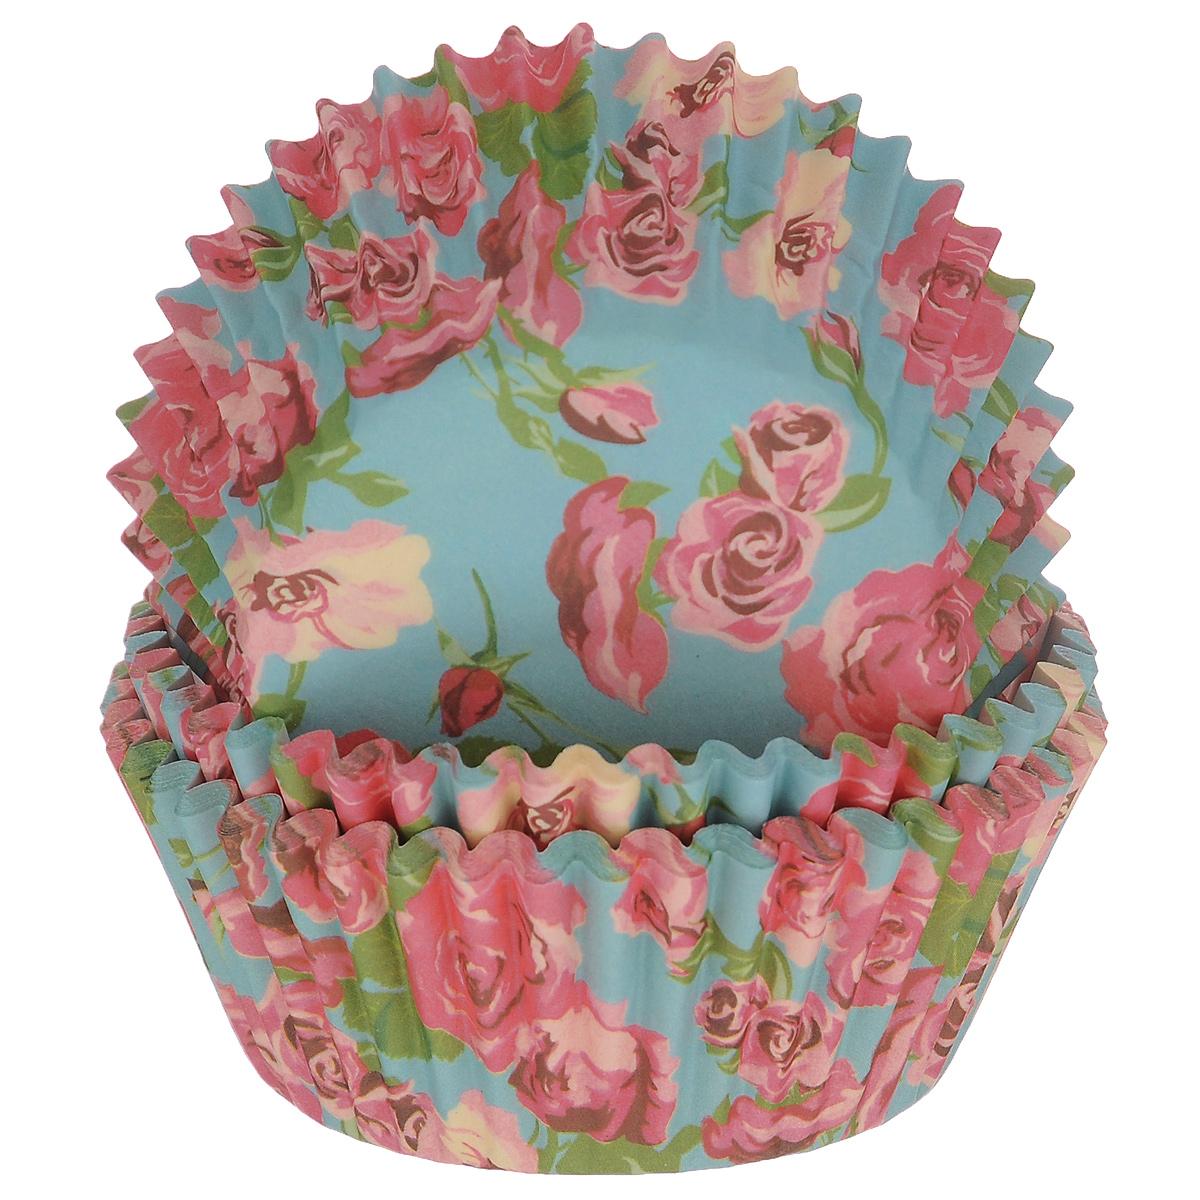 Набор бумажных форм для кексов Dolce Arti Розы, цвет: голубой, розовый, диаметр 5 см, 50 штDA080213Набор Dolce Arti Розы состоит из 50 бумажных форм для кексов, оформленных красочным изображением роз. Они предназначены для выпечки и упаковки кондитерских изделий, также могут использоваться для сервировки орешков, конфет и много другого. Для одноразового применения. Гофрированные бумажные формы идеальны для выпечки кексов, булочек и пирожных. Высота стенки: 3 см. Диаметр (по верхнему краю): 7 см. Диаметр дна: 5 см.